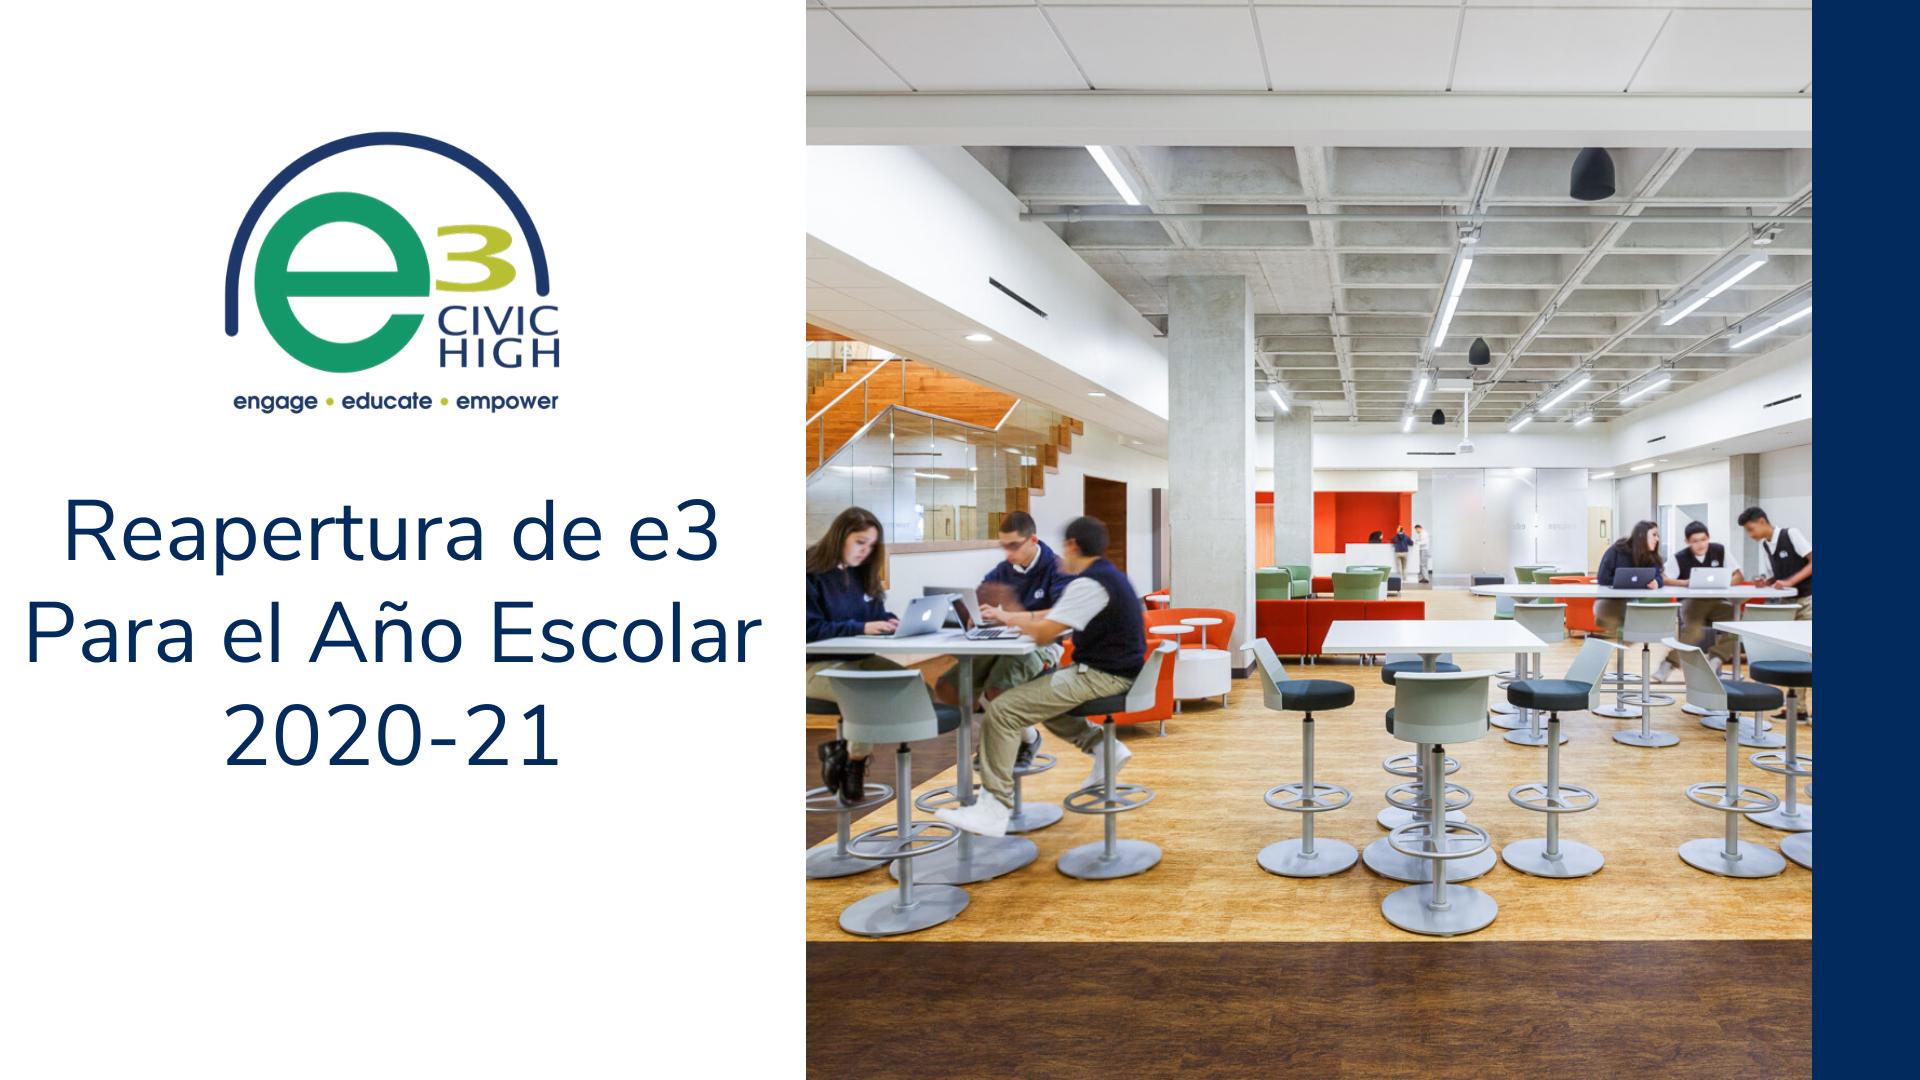 Reapertura de e3 Para el Año Escolar 2020-21